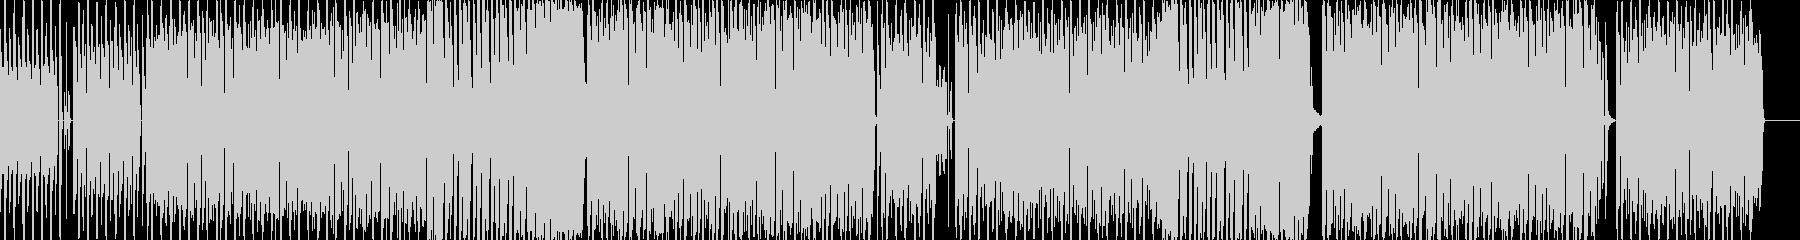 ユニークでコミカルなテクノポップBGMの未再生の波形